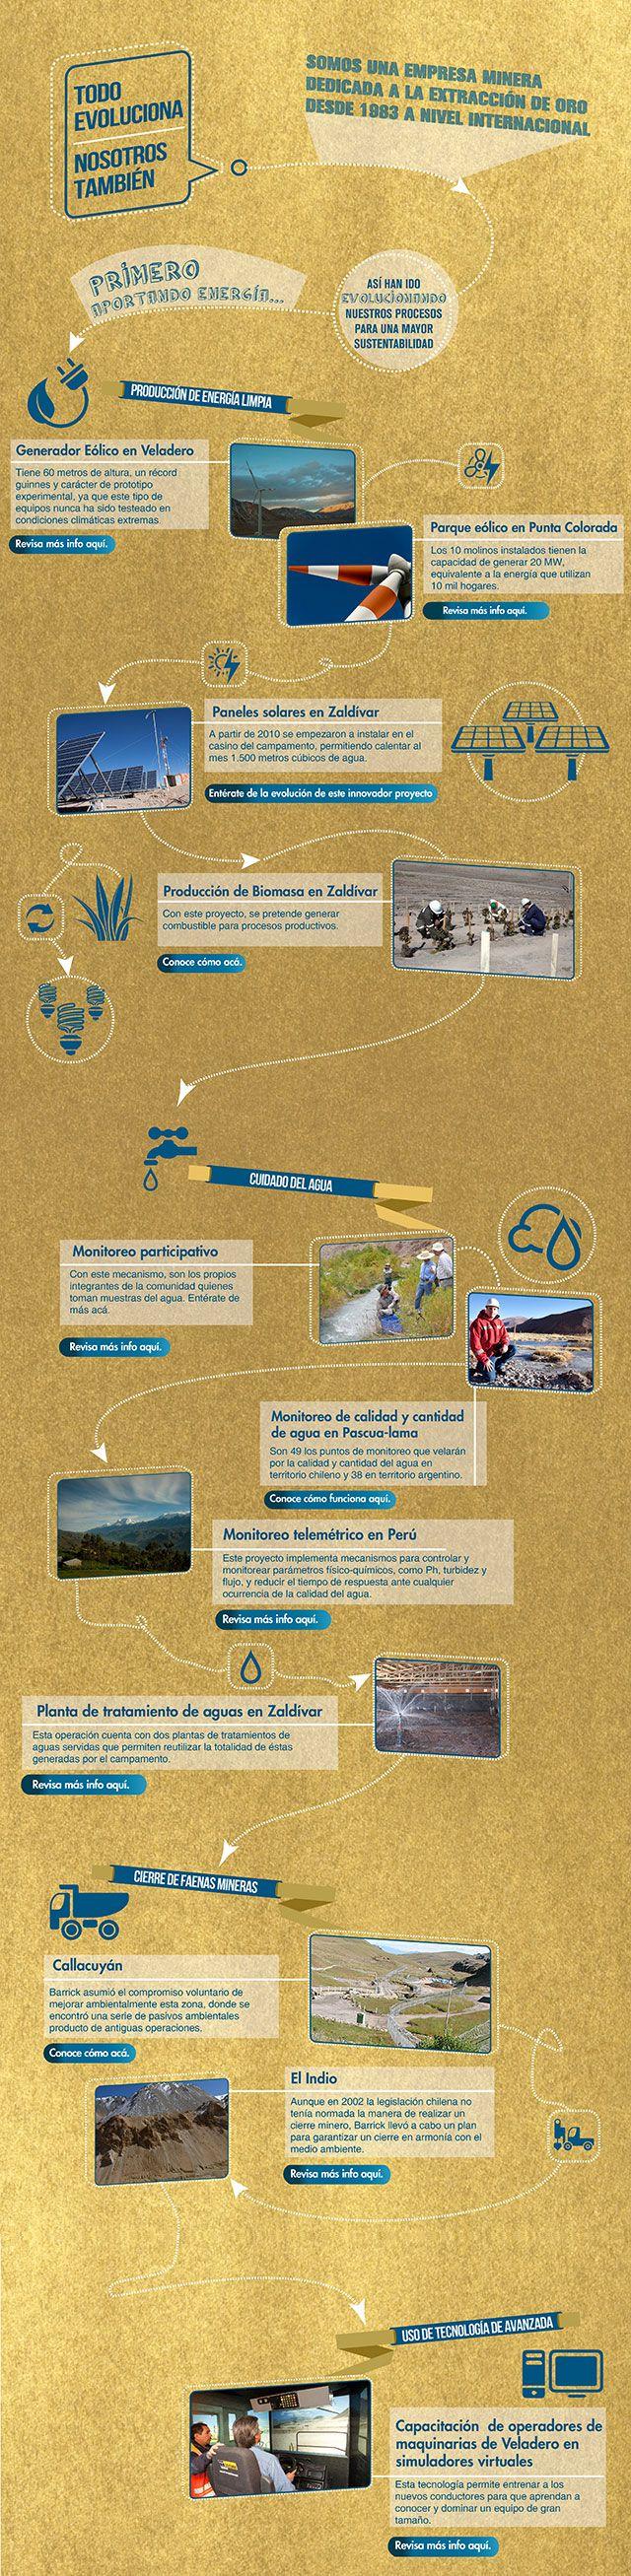 Barrick - Iniciativas para la sustentabilidad